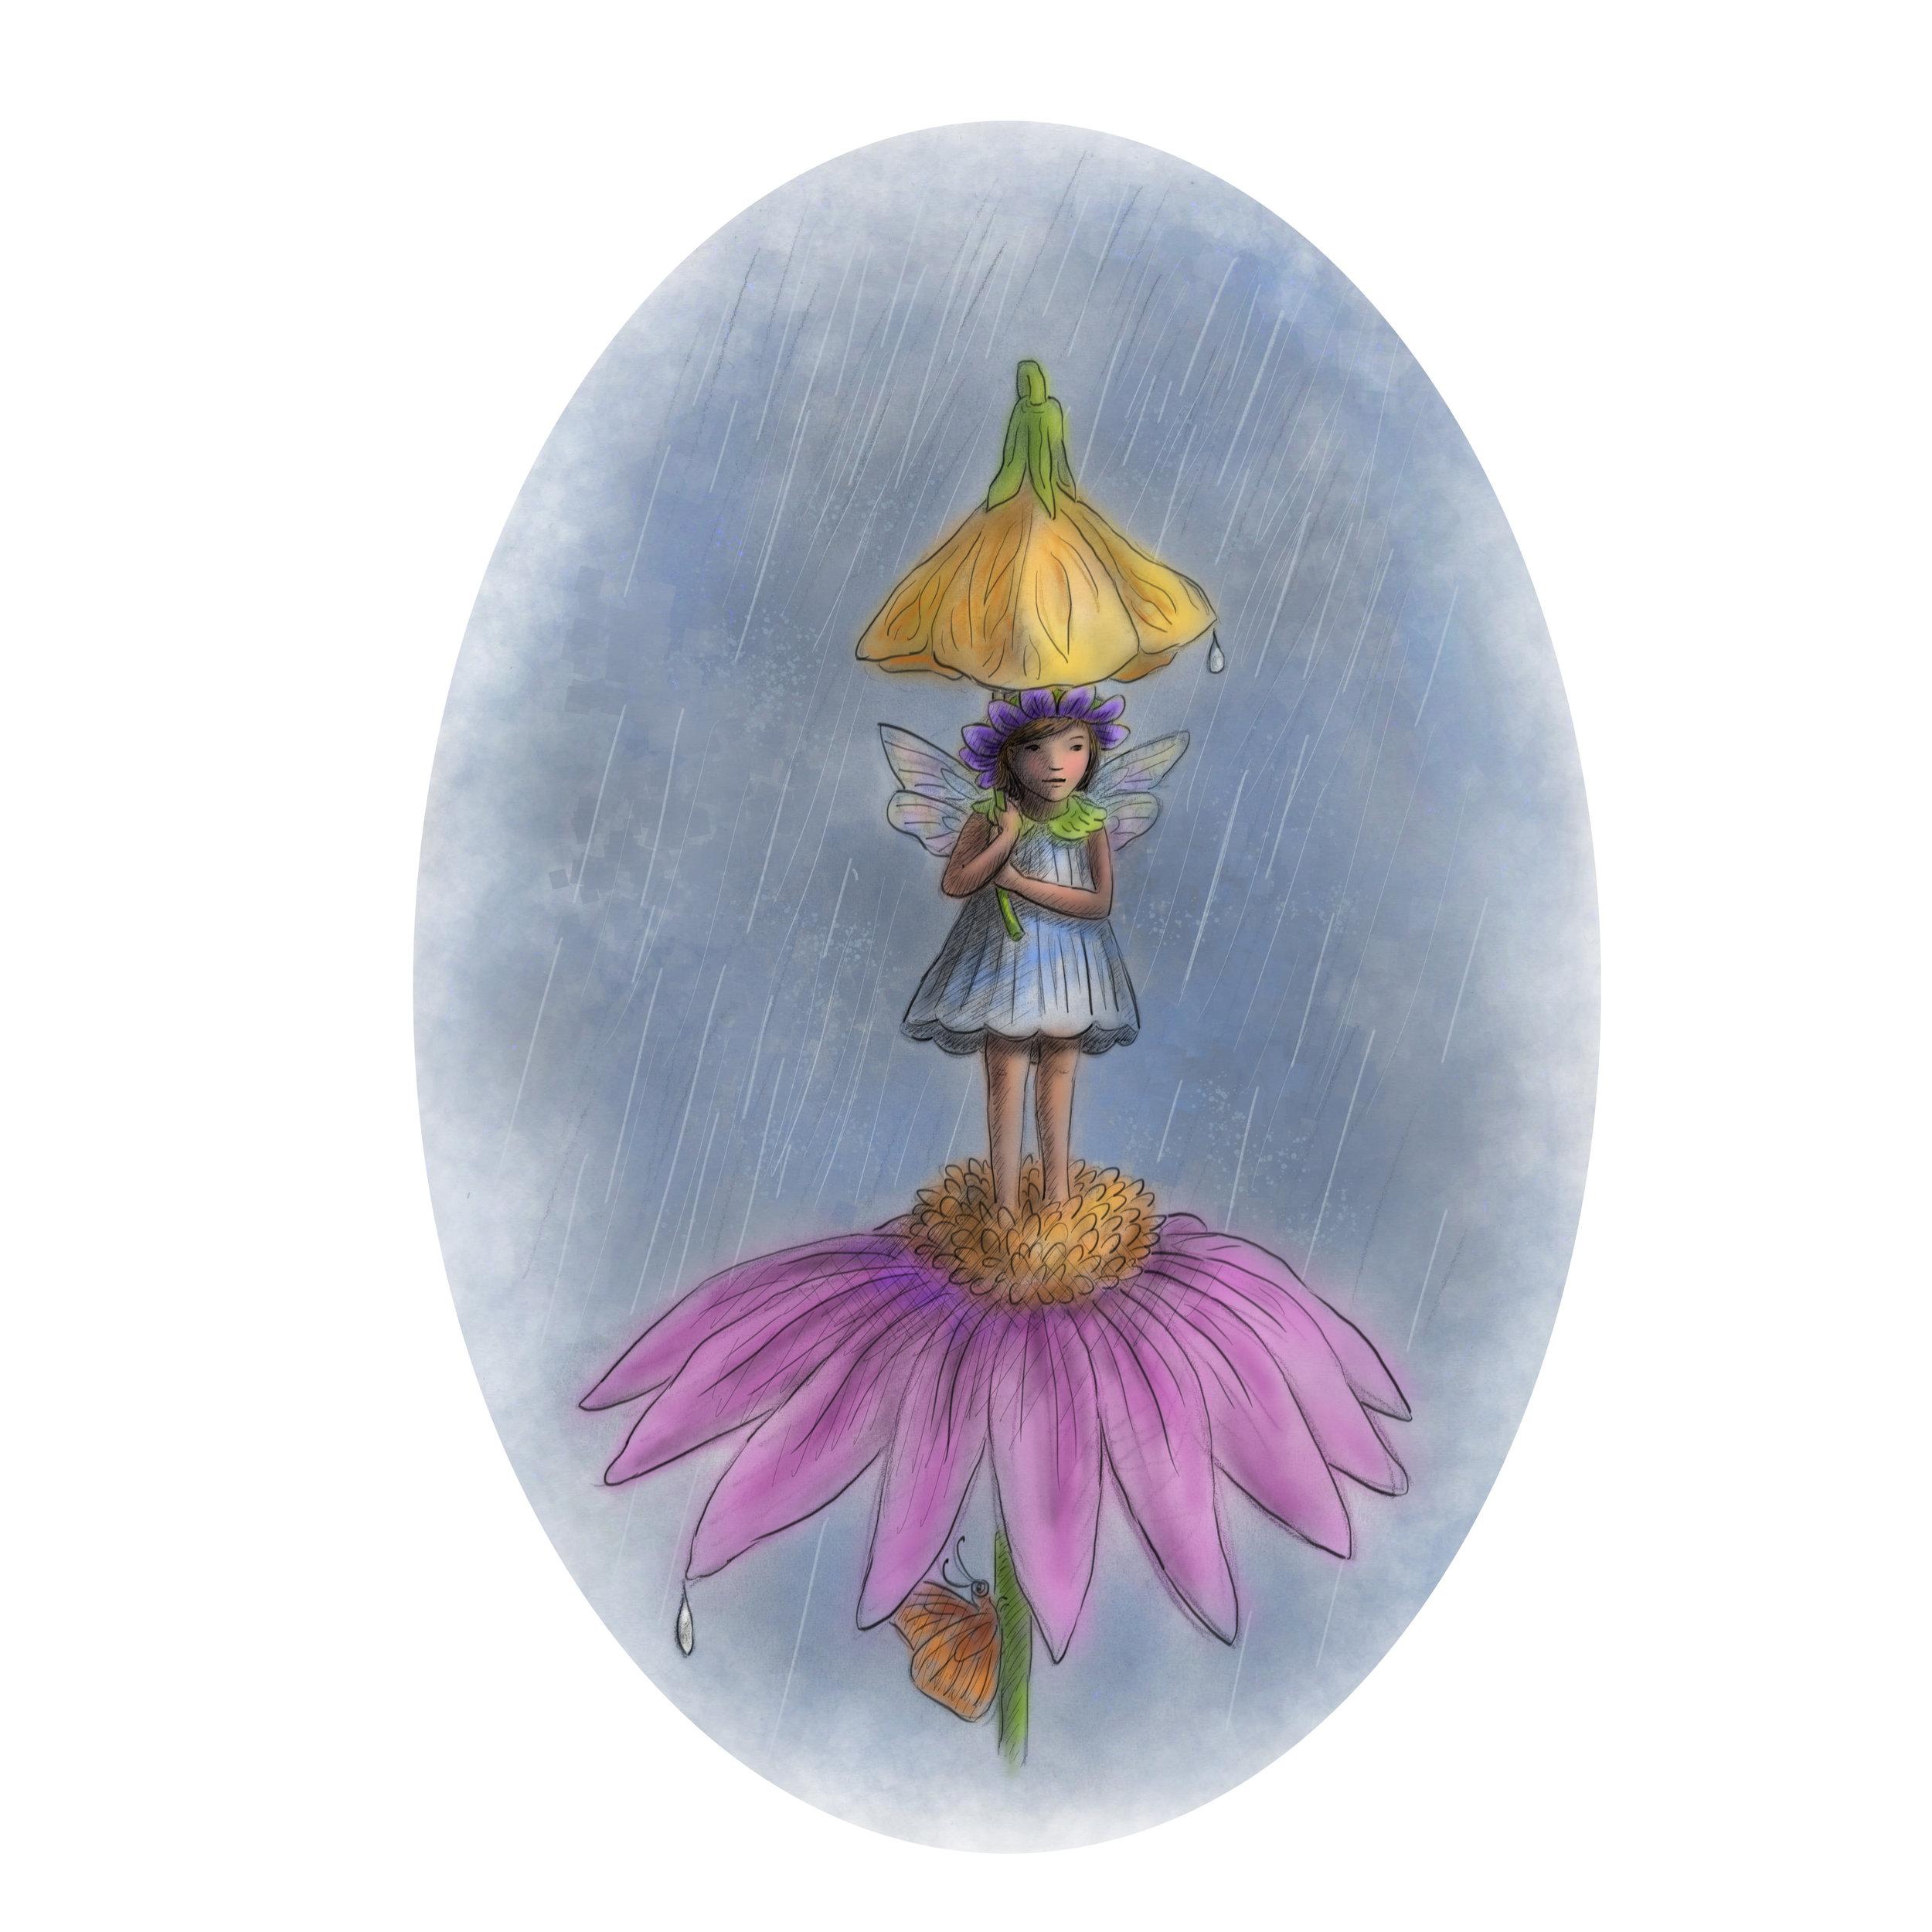 flower fairy cropped 3 copy.jpg